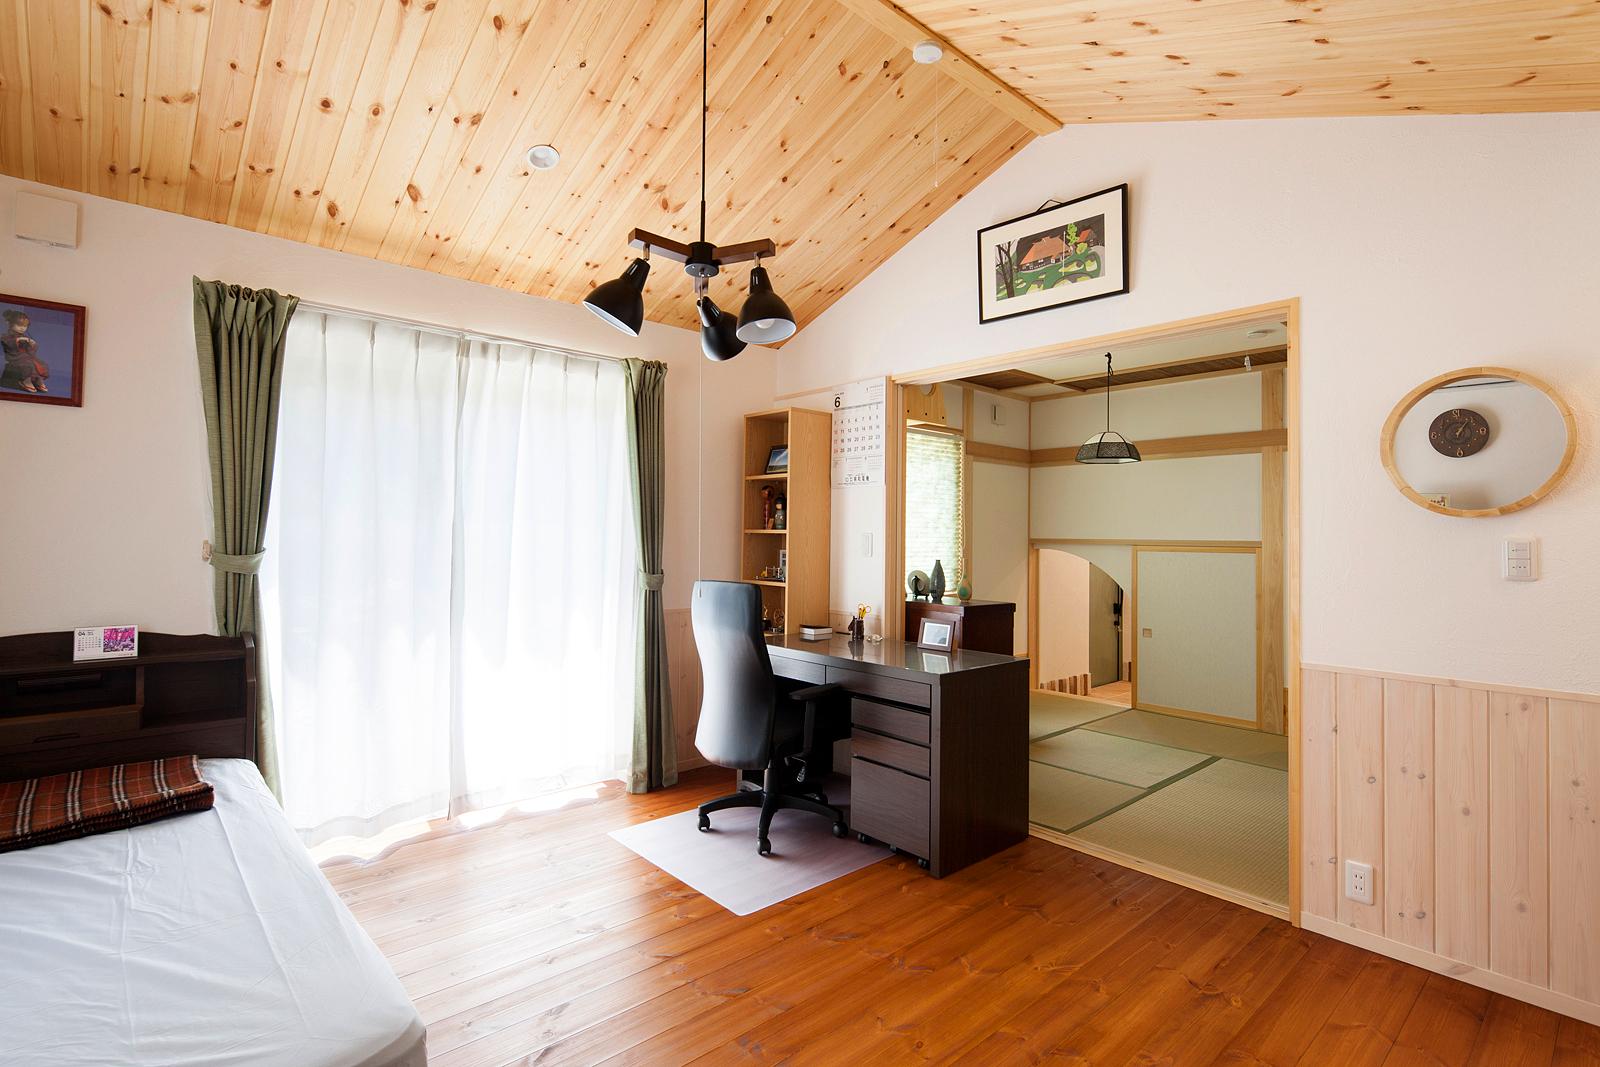 お父さんの寝室と奥の和室。LDKとは離れているので静かで落ち着く。和室奥に見える小さな入り口は玄関につながっている